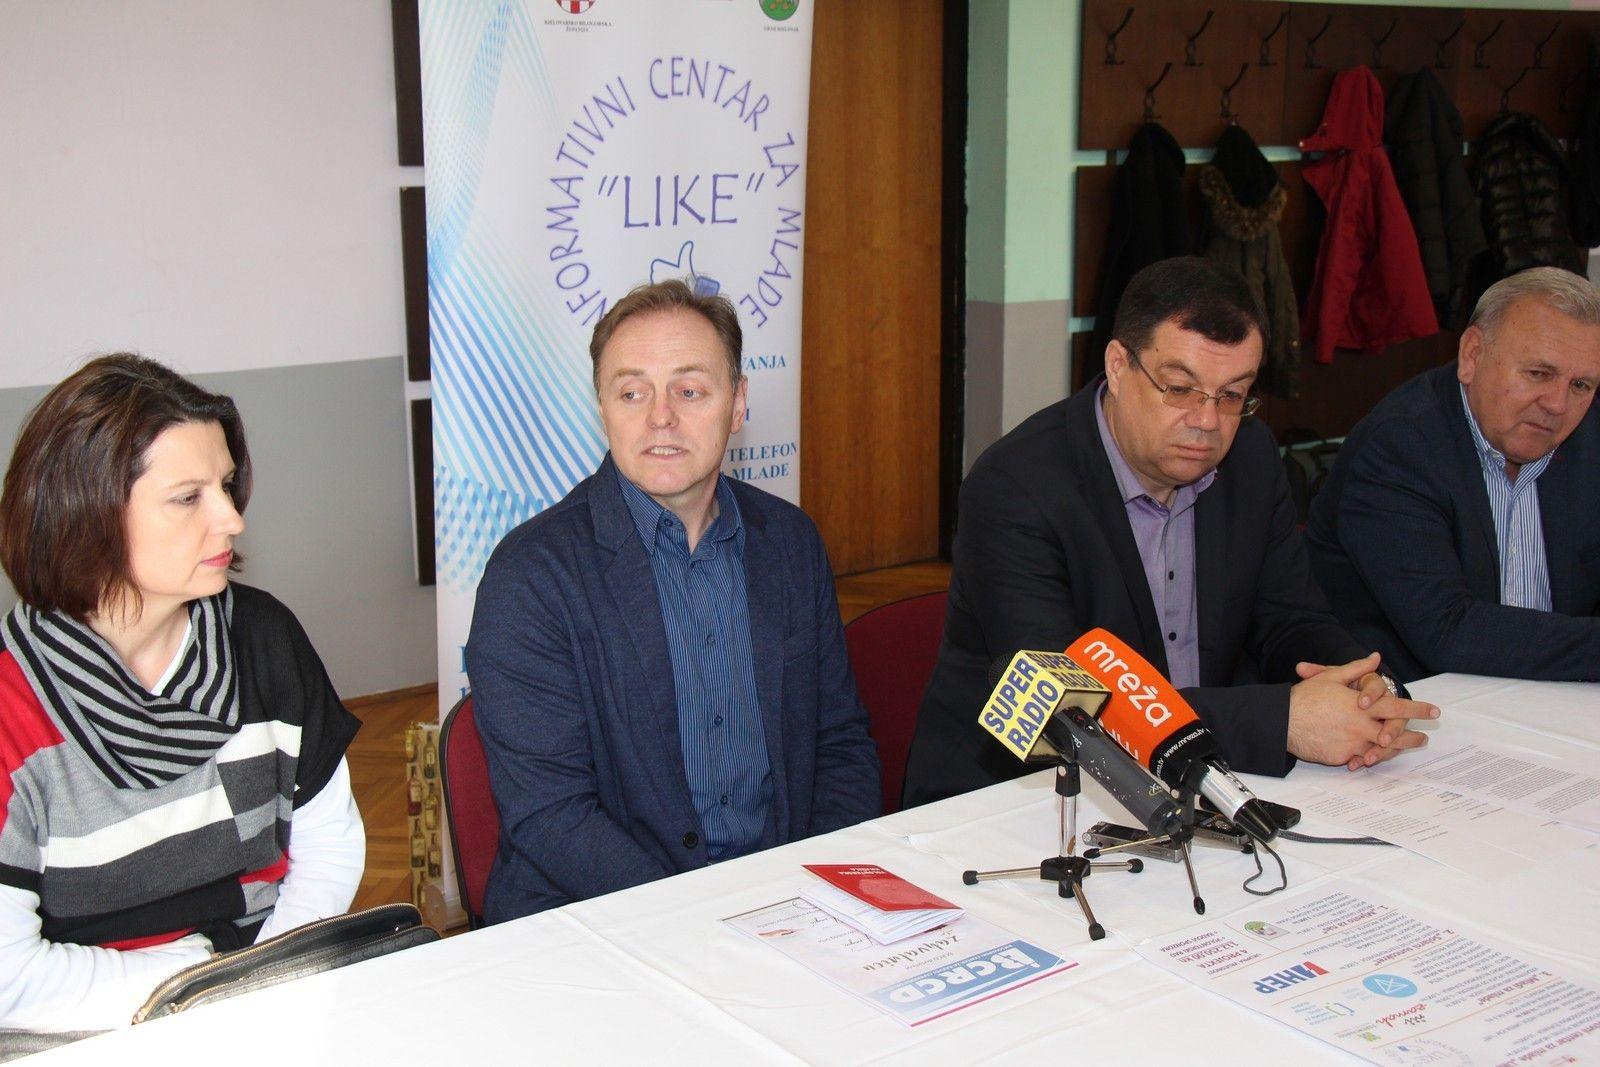 Bjelovarski centra za razvoj civilnog društva održao završnu konferenciju za četiri projekta